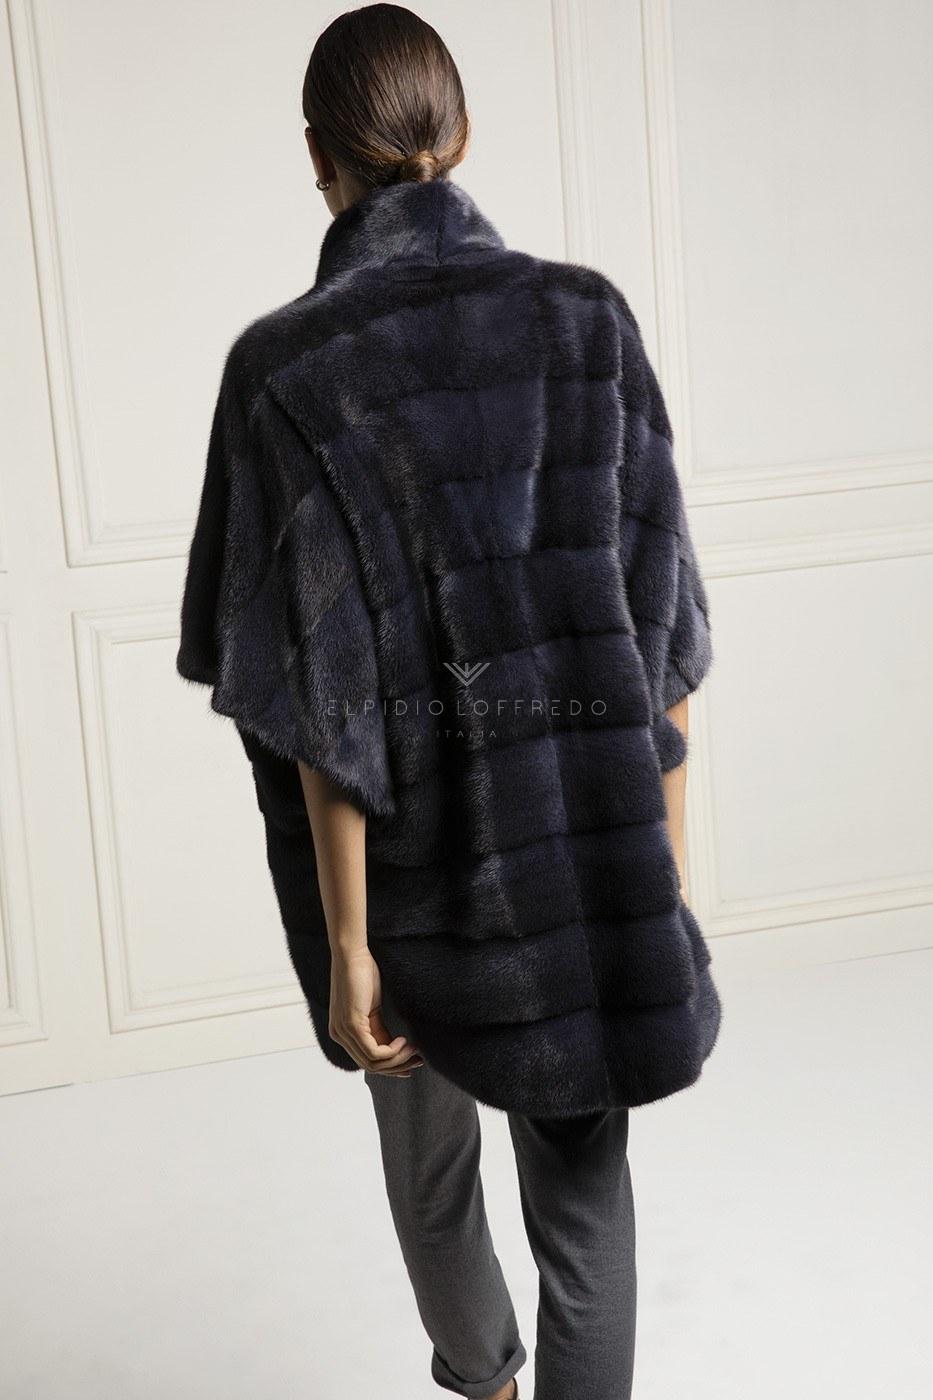 Black Cross Female Mink Coat - Length 85 cm